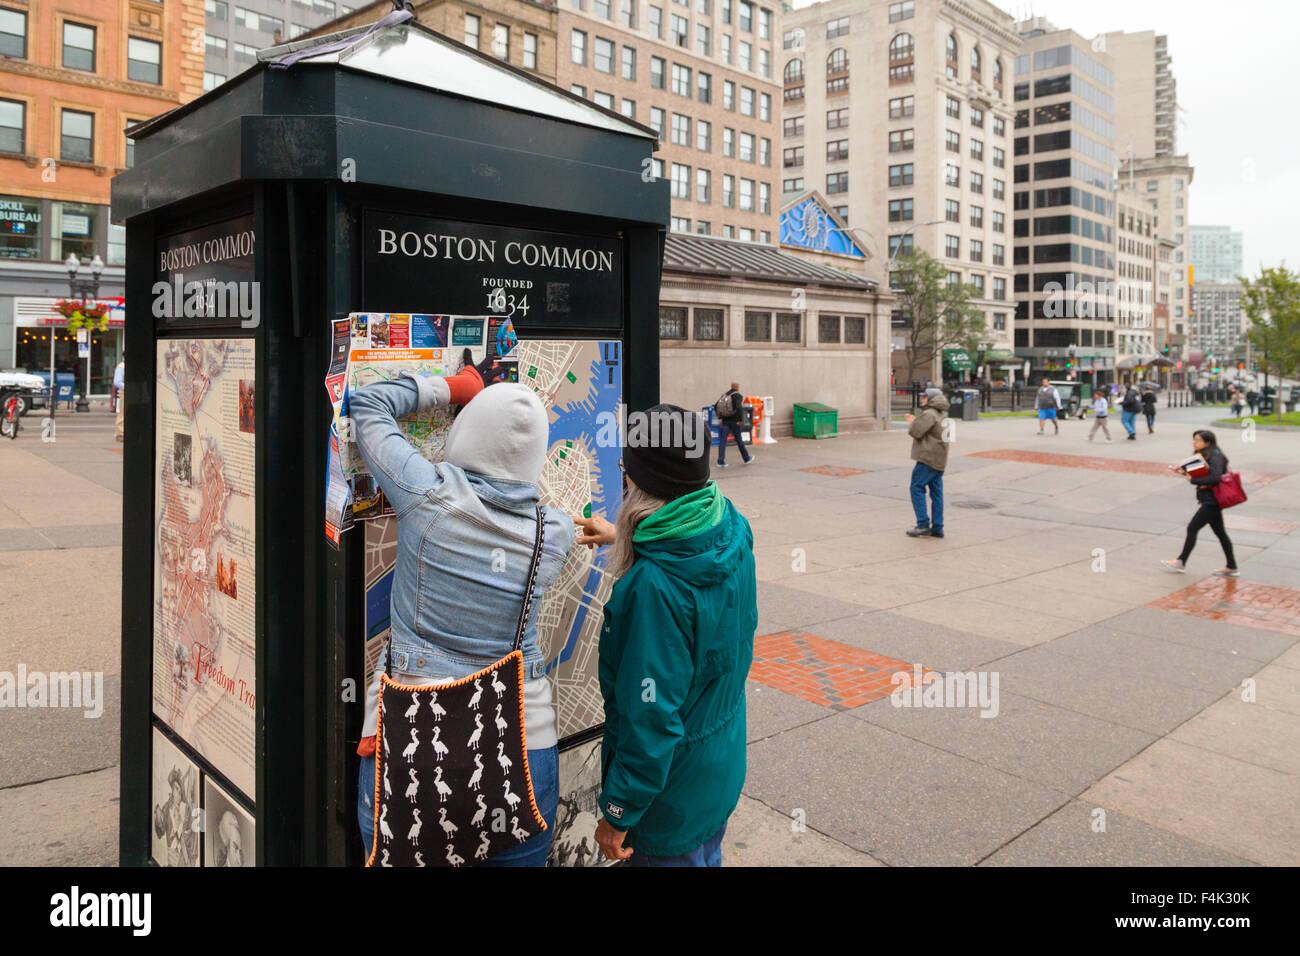 Los turistas en un mapa de Boston, Boston Common, Boston, Massachusetts, EE.UU. Imagen De Stock